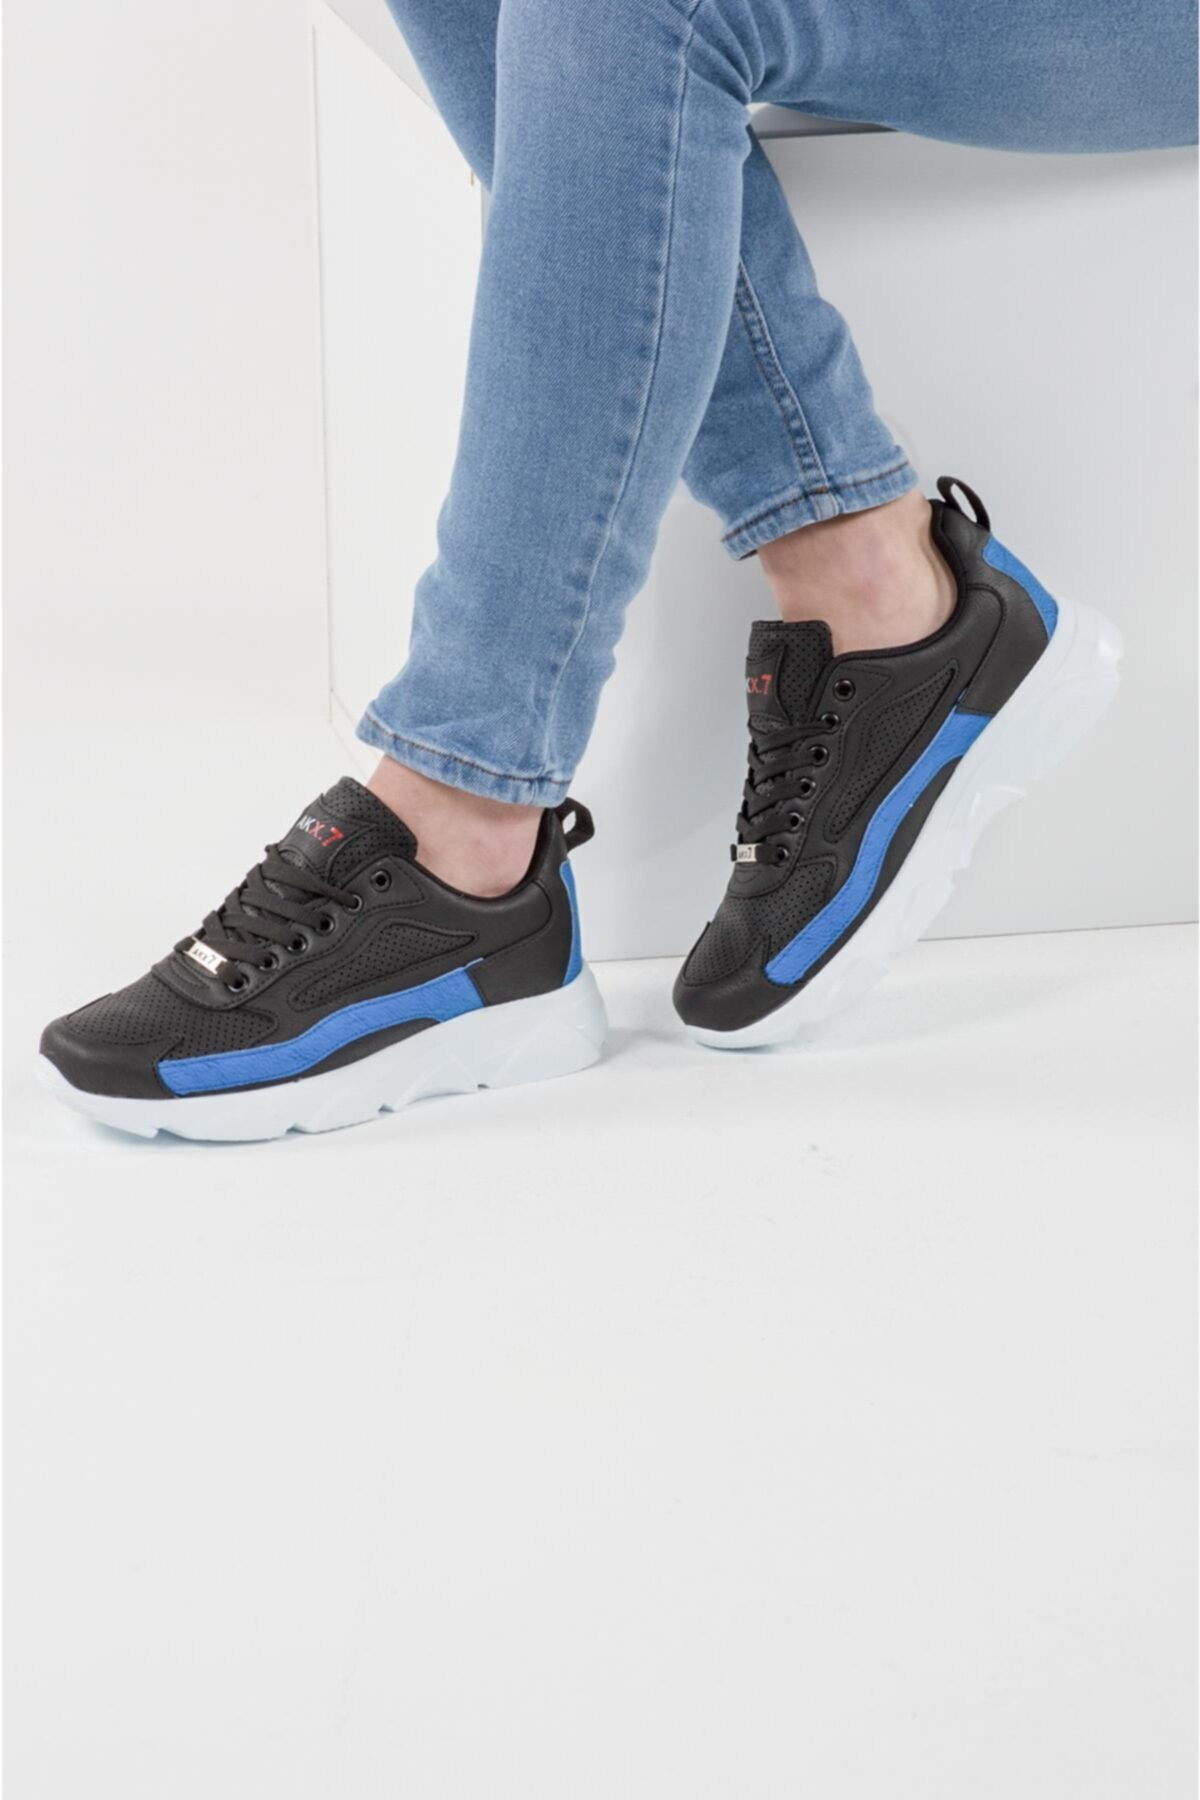 AKX 7 029 Siyah Sax Beyaz Erkek Spor Ayakkabı 1